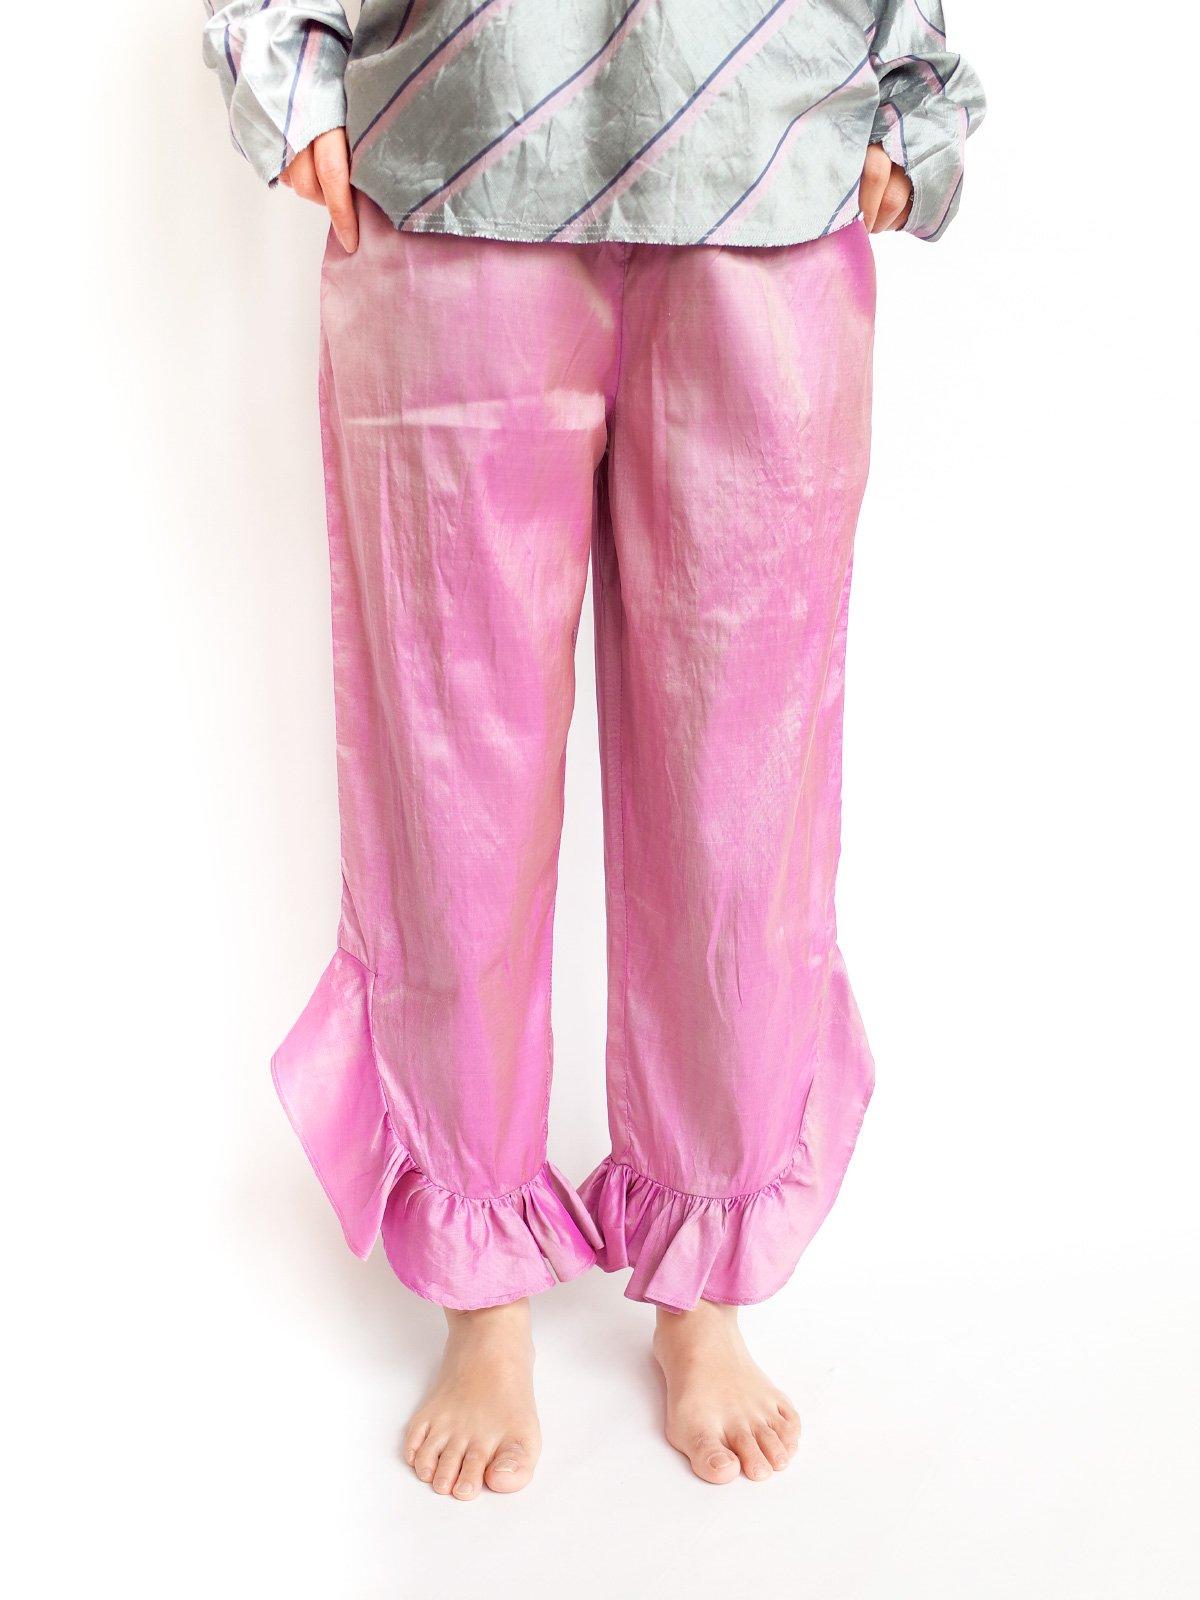 Fin Frill Pants / moss pink